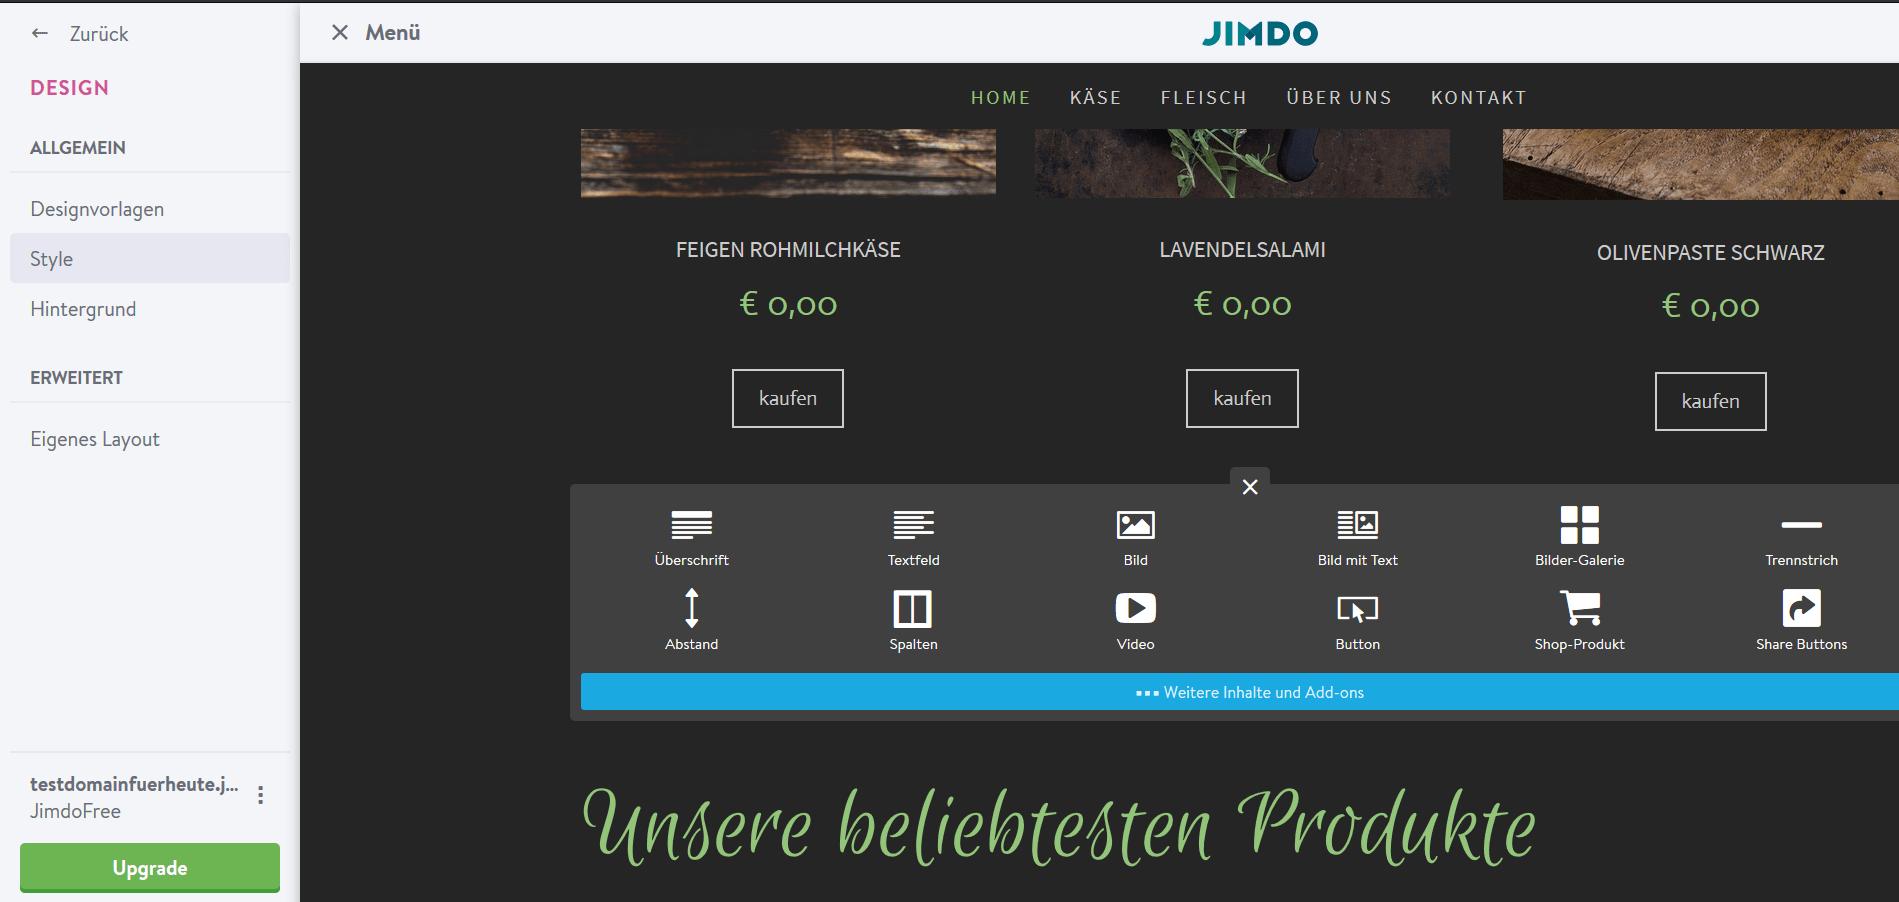 Jimdo Website Baukasten Test: Schritt 6.2